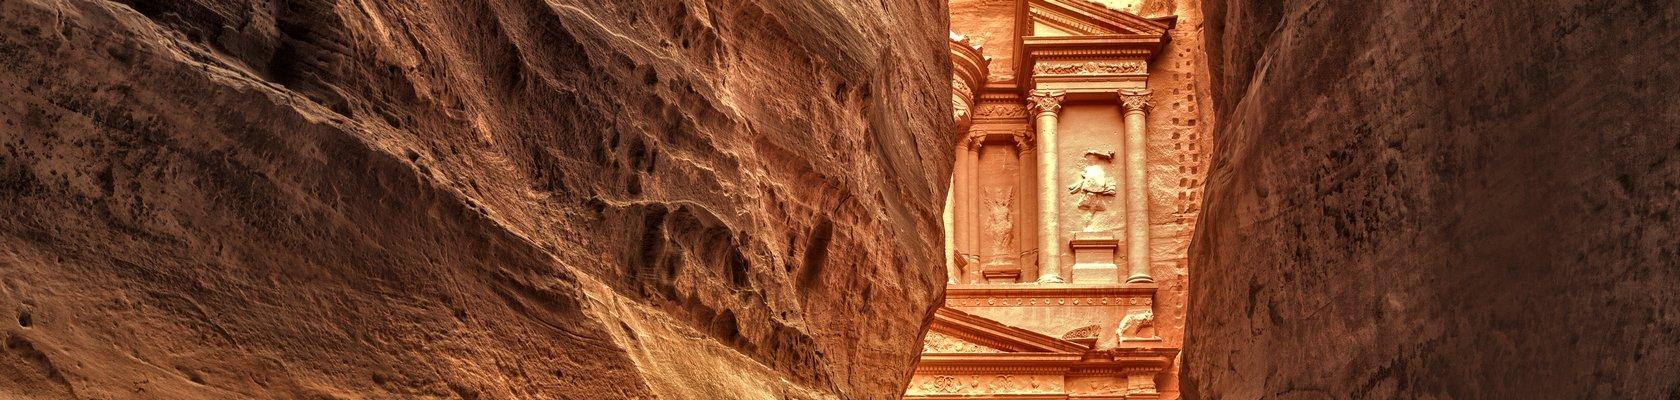 Petra, één van de 7 wereldwonderen